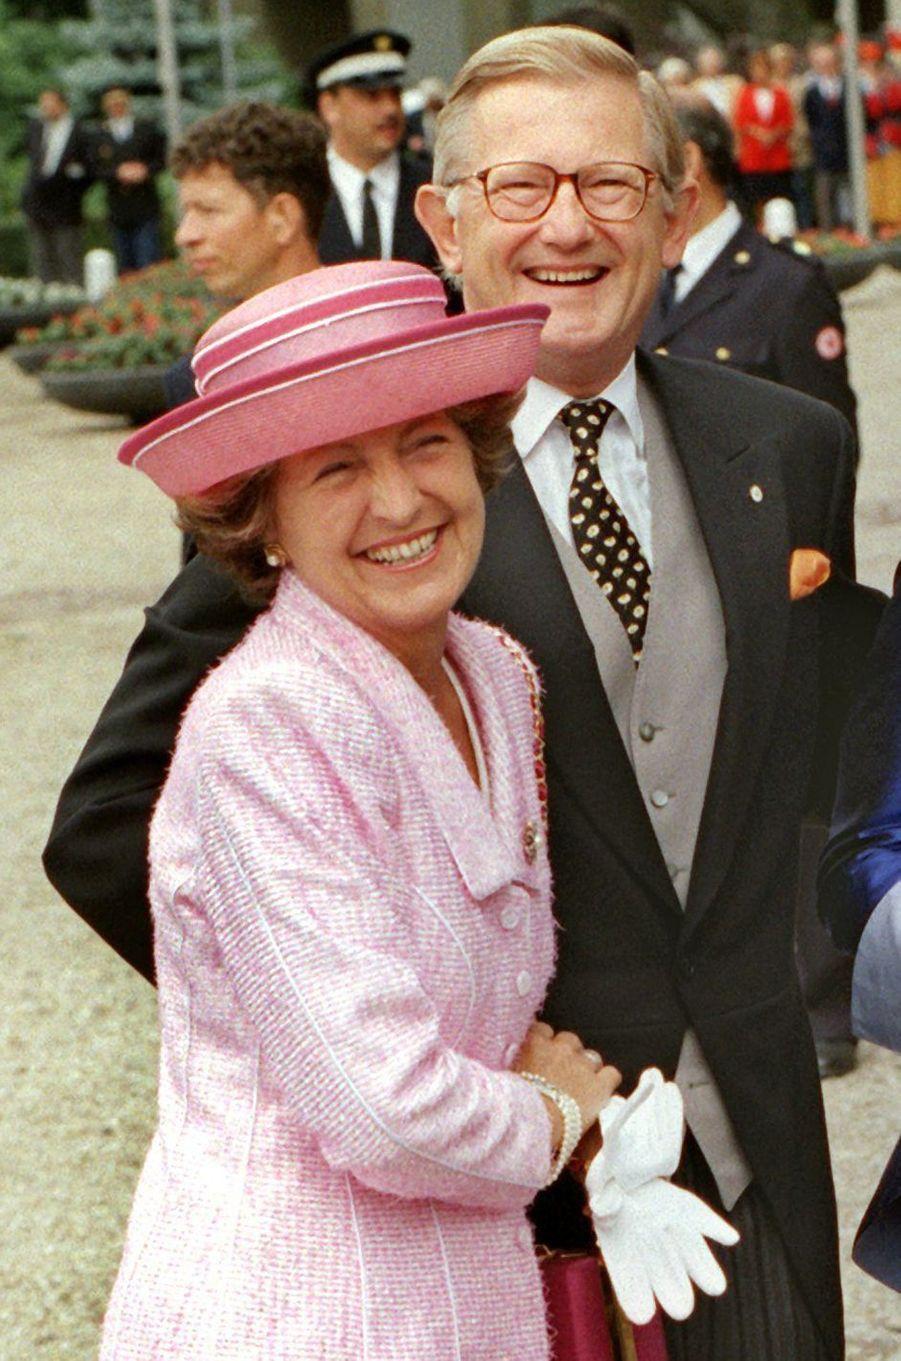 La princesse Margriet des Pays-Bas avec son mari Pieter van Vollenhoven, le 30 mai 1998